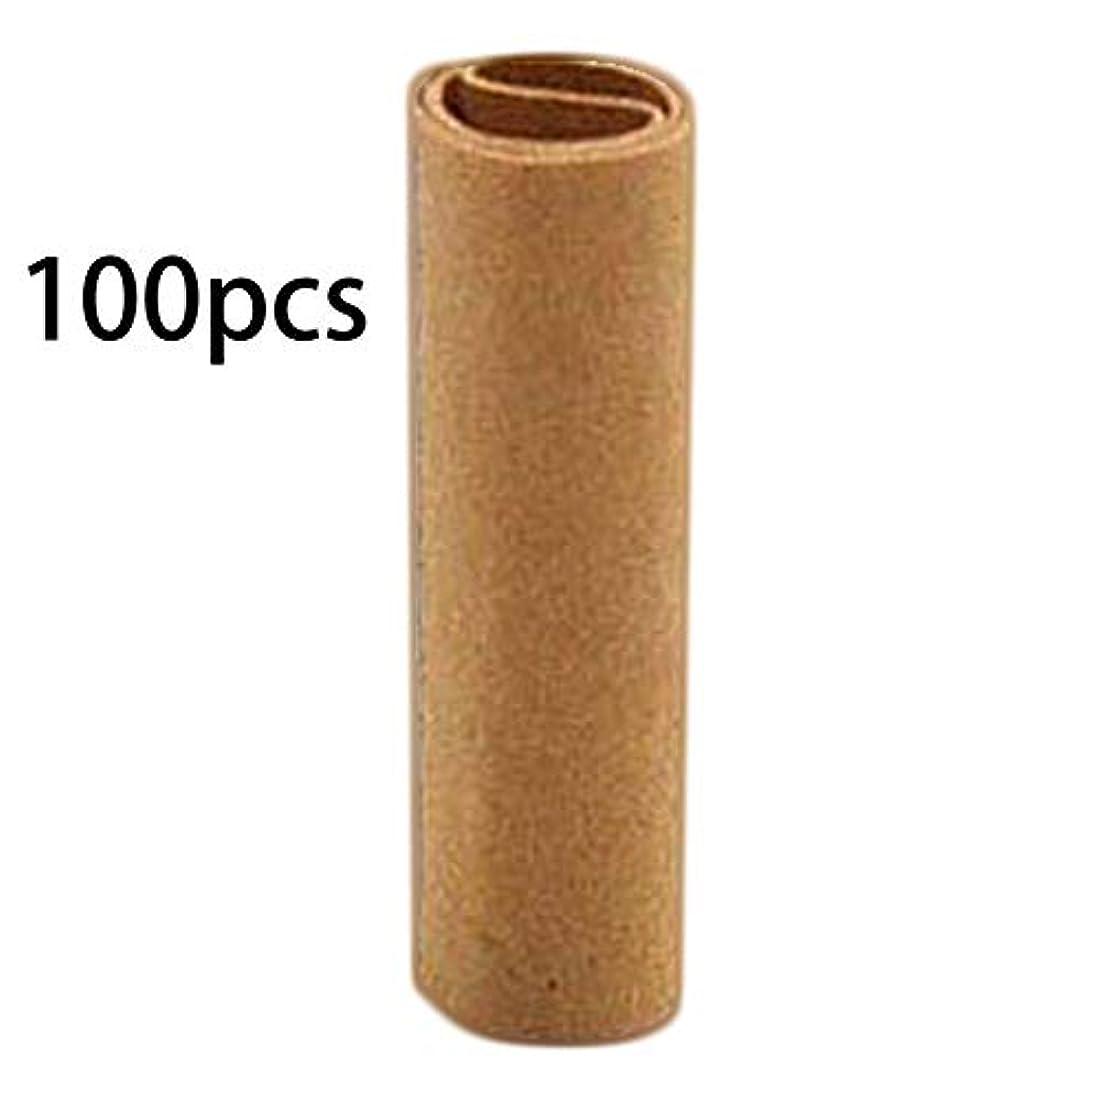 言い直すコンテスト揺れるタバコフィルタシガレットホルダー7ミリメートルフィルター100錠ローリングペーパーフィルター